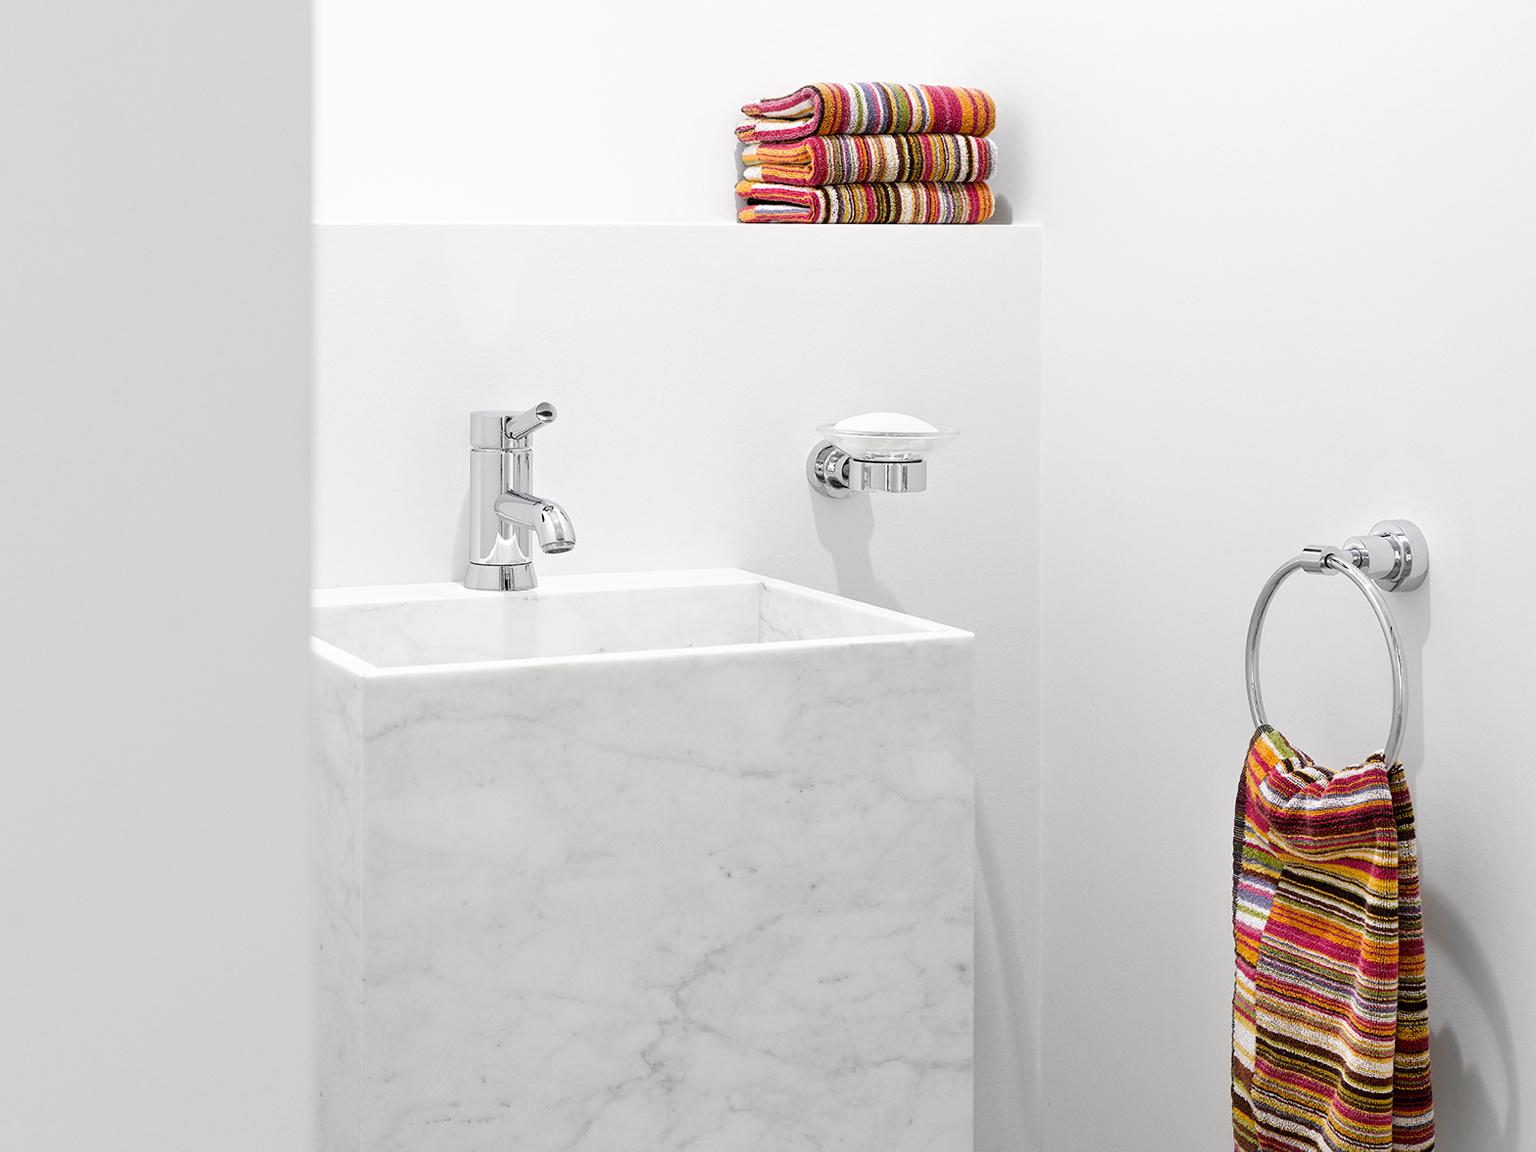 Kleine Wasbak Toilet : Breed toilet met een chique ontwerp interieur inrichting